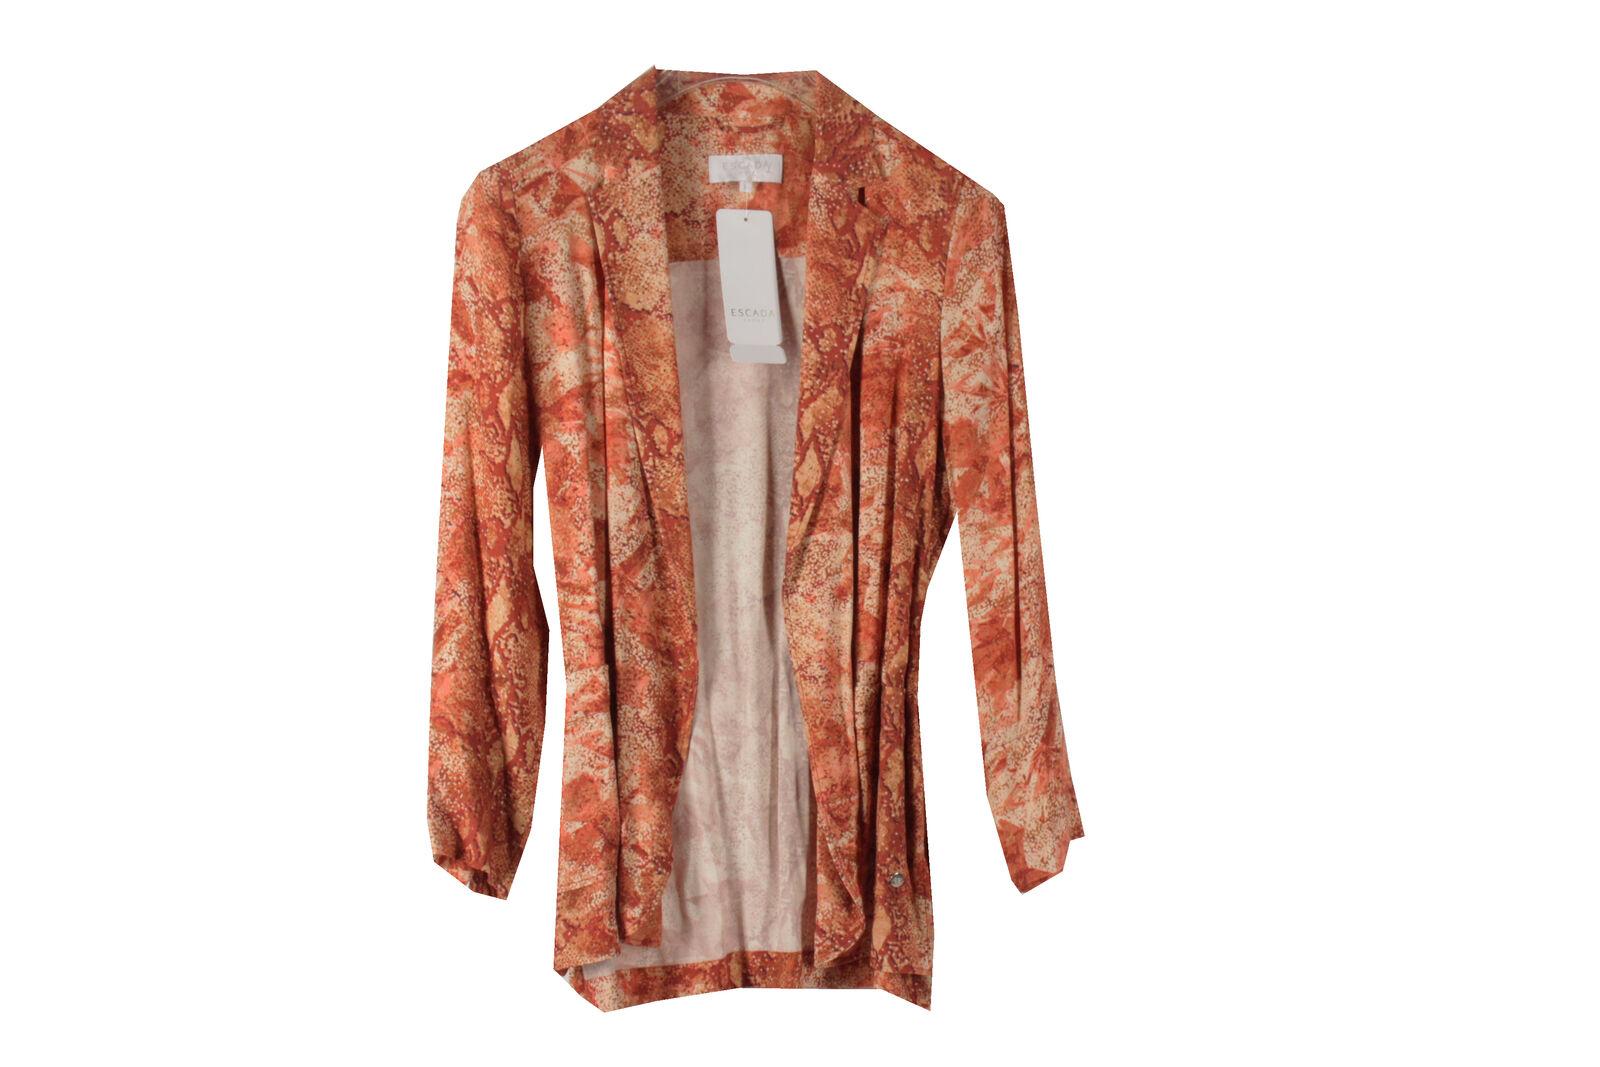 Escada Sport Barbarella 1004080 abrigo señora chaqueta  blazer talla 36 naranja-marrón NUEVO  se descuenta